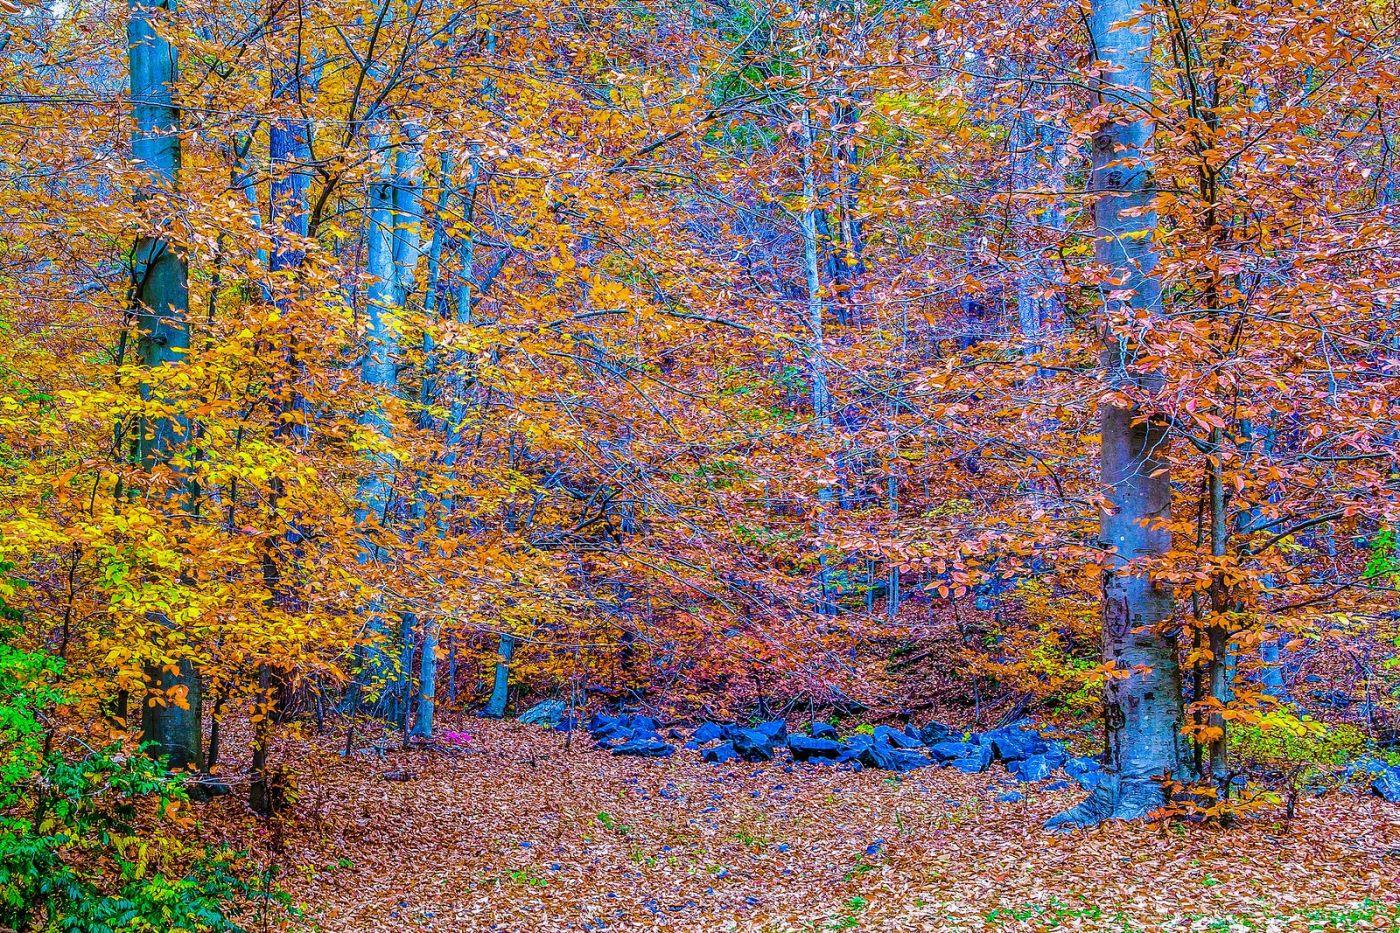 宾州雷德利克里克公园(Ridley creek park),如梦的画面_图1-9